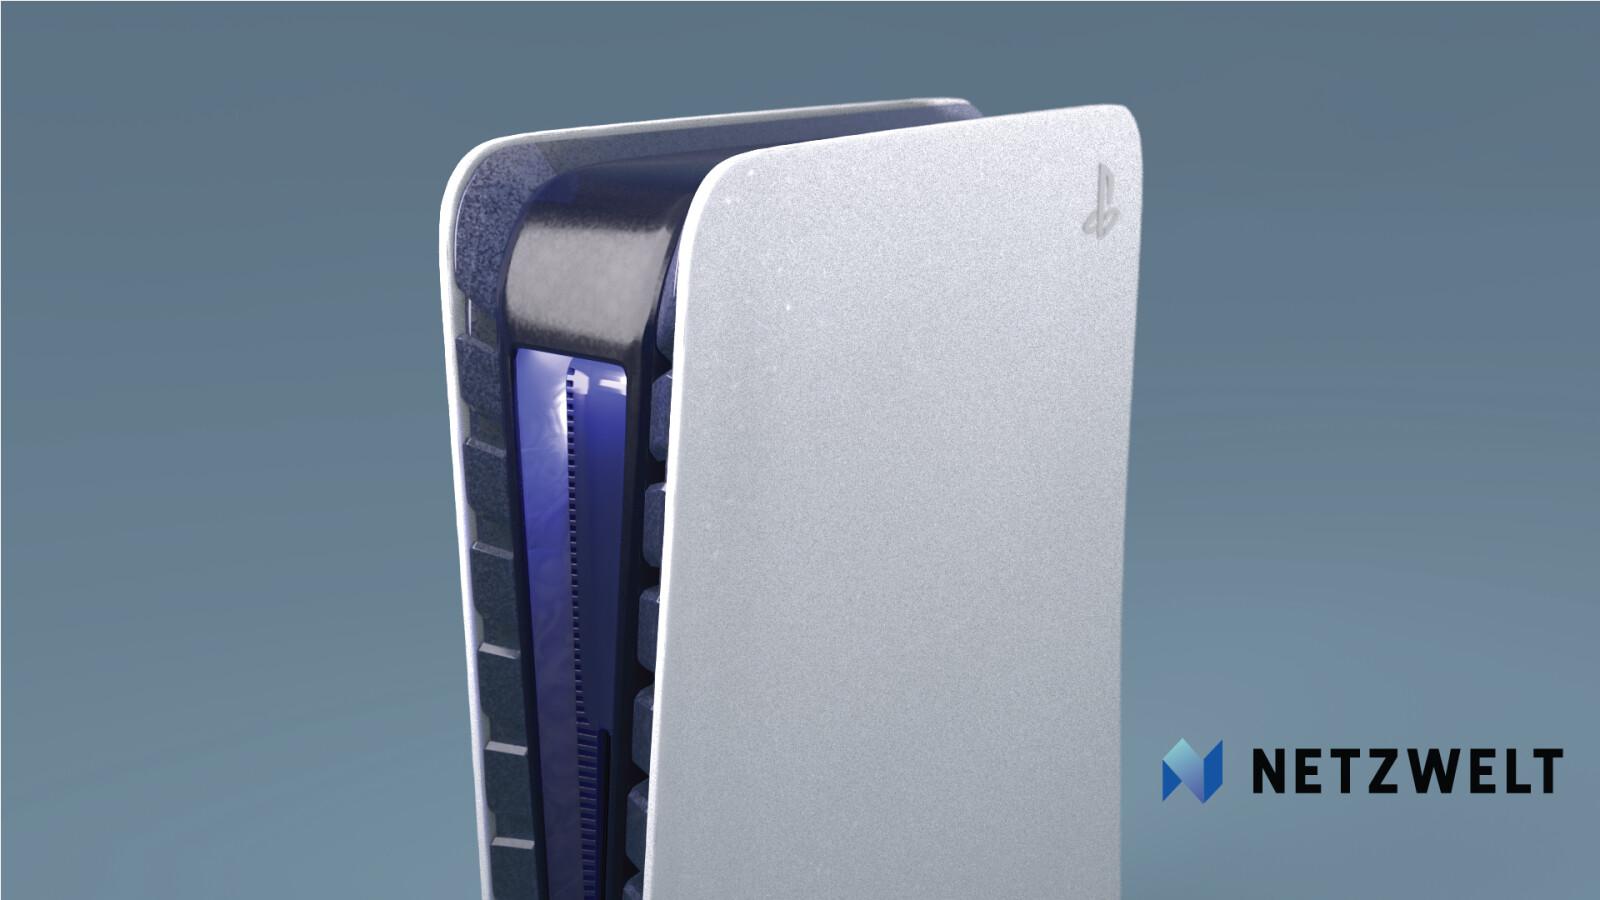 PS5 Pro: Extreme Leistung, Marmor, Black Edition! Traumhafte Vision auf Bildern